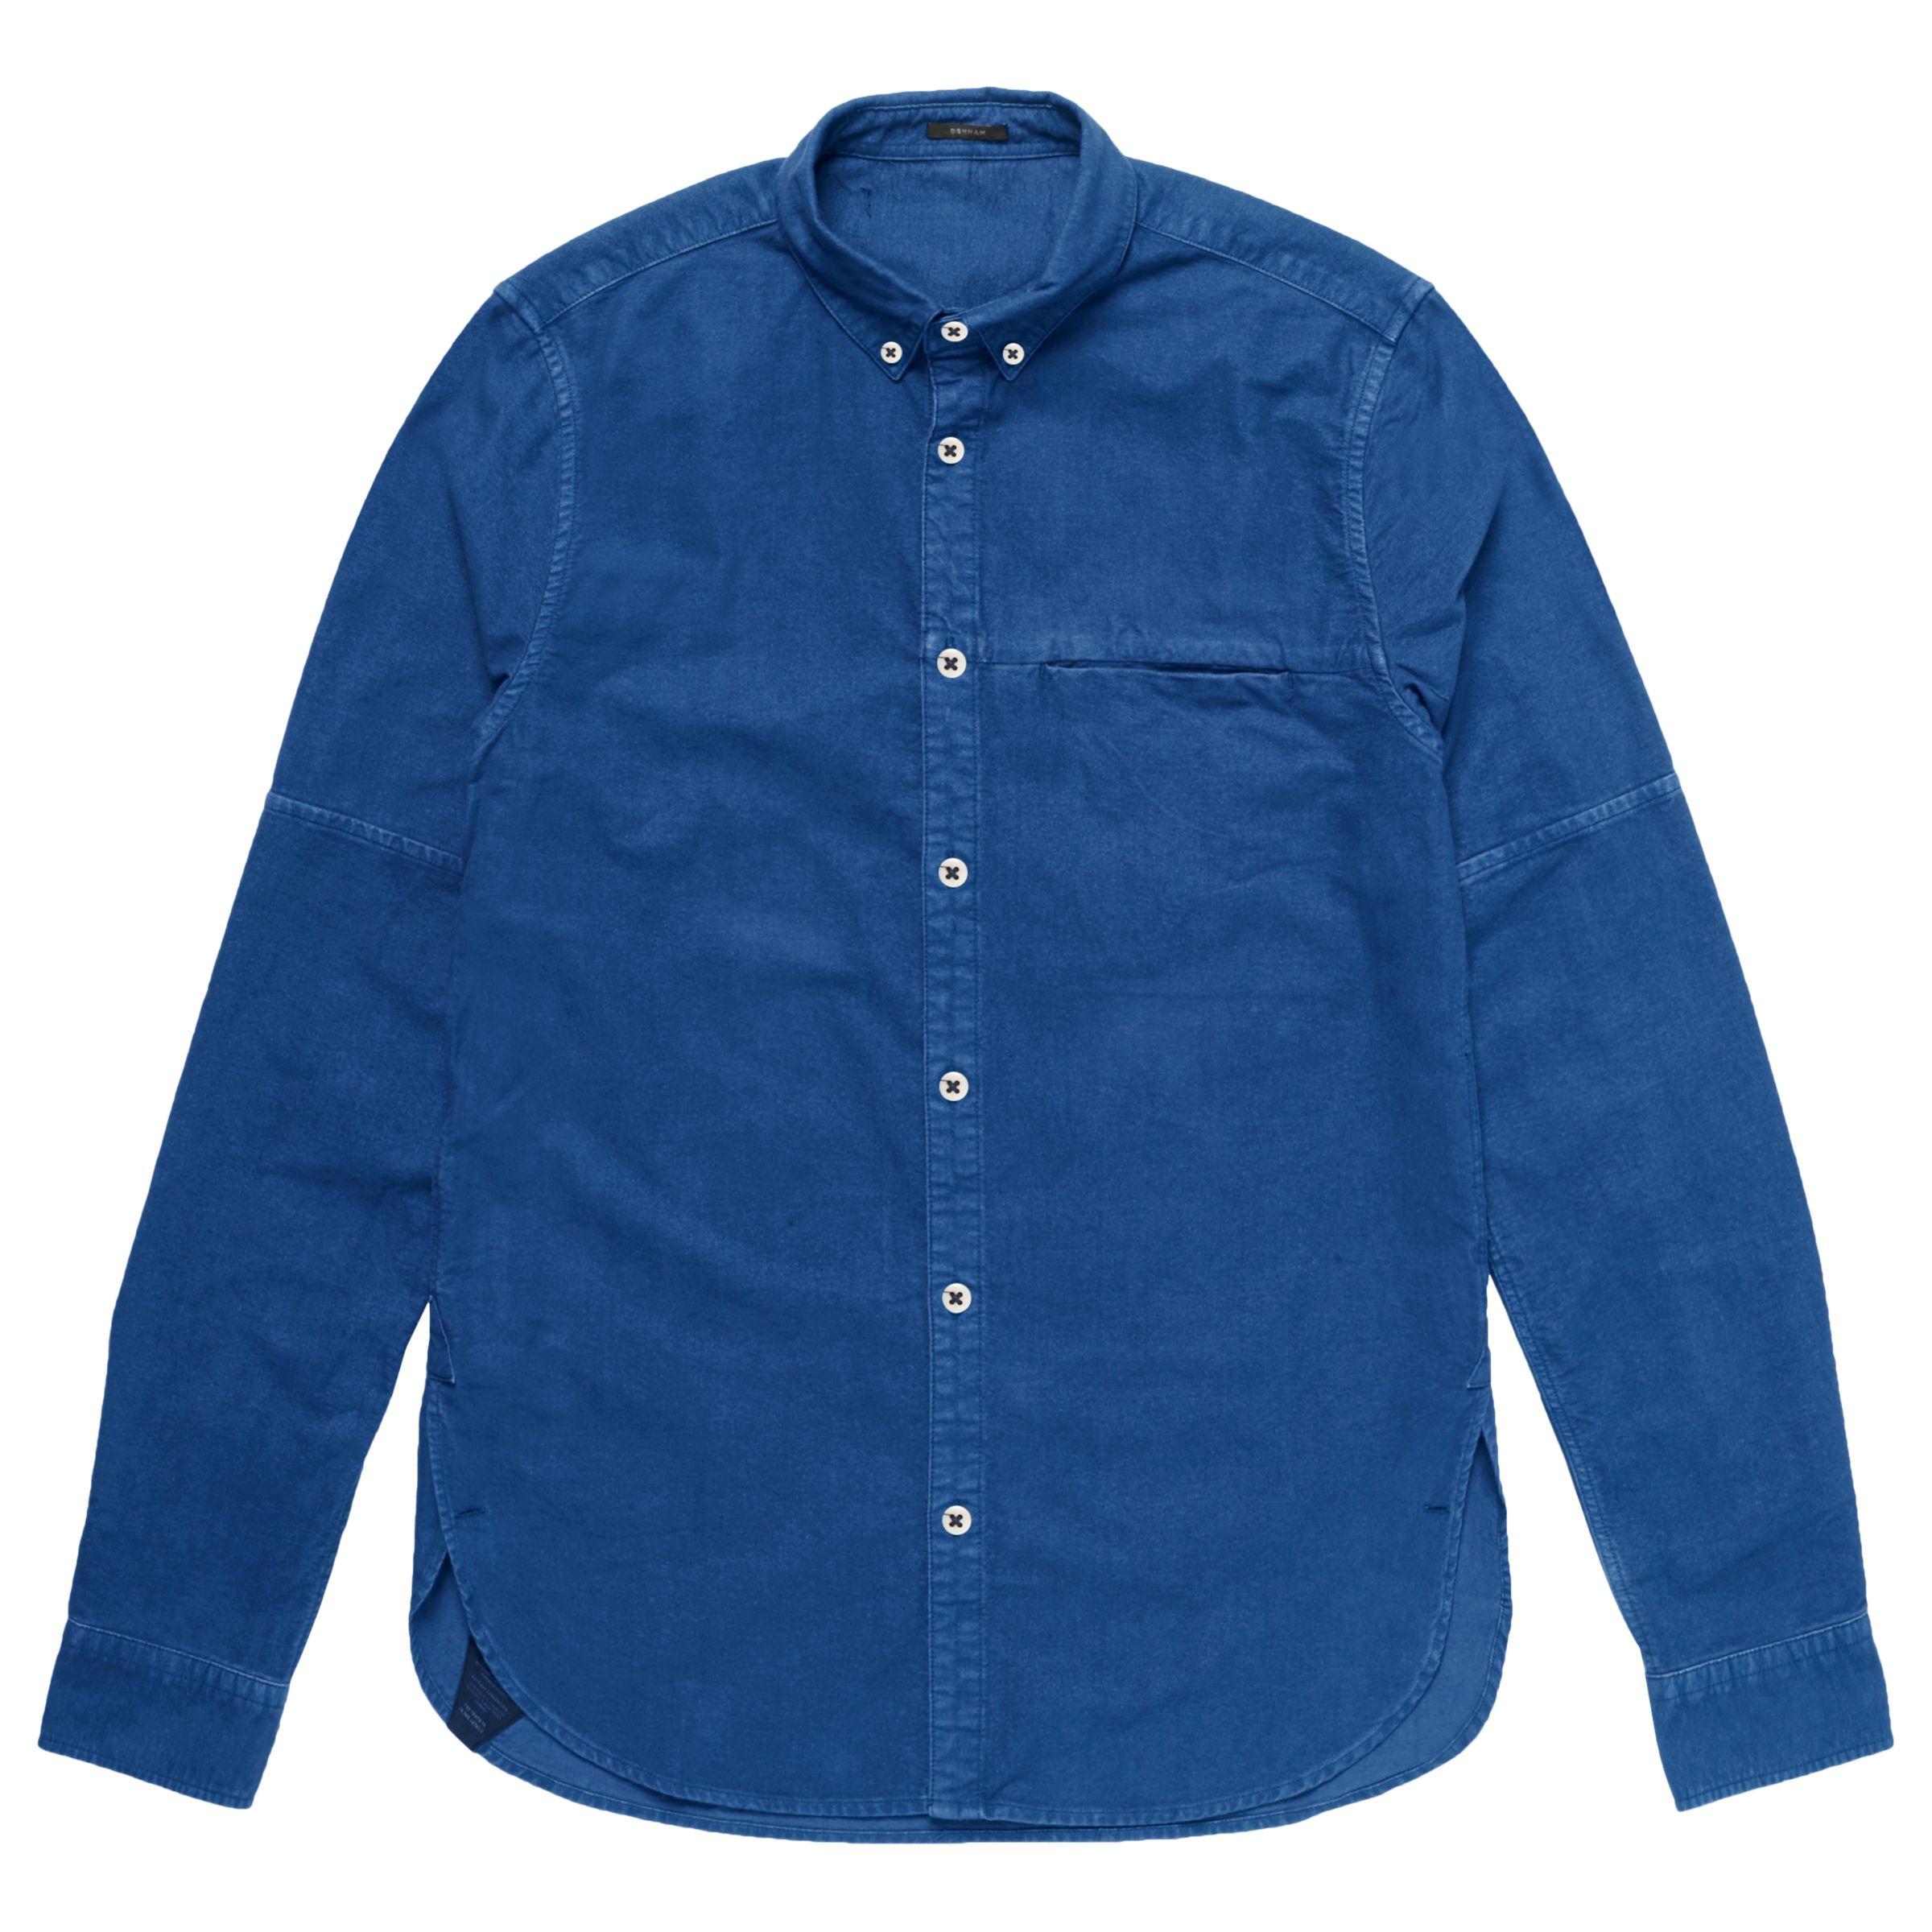 Denham Denham Mapt Shirt VBW, Mountain Blue